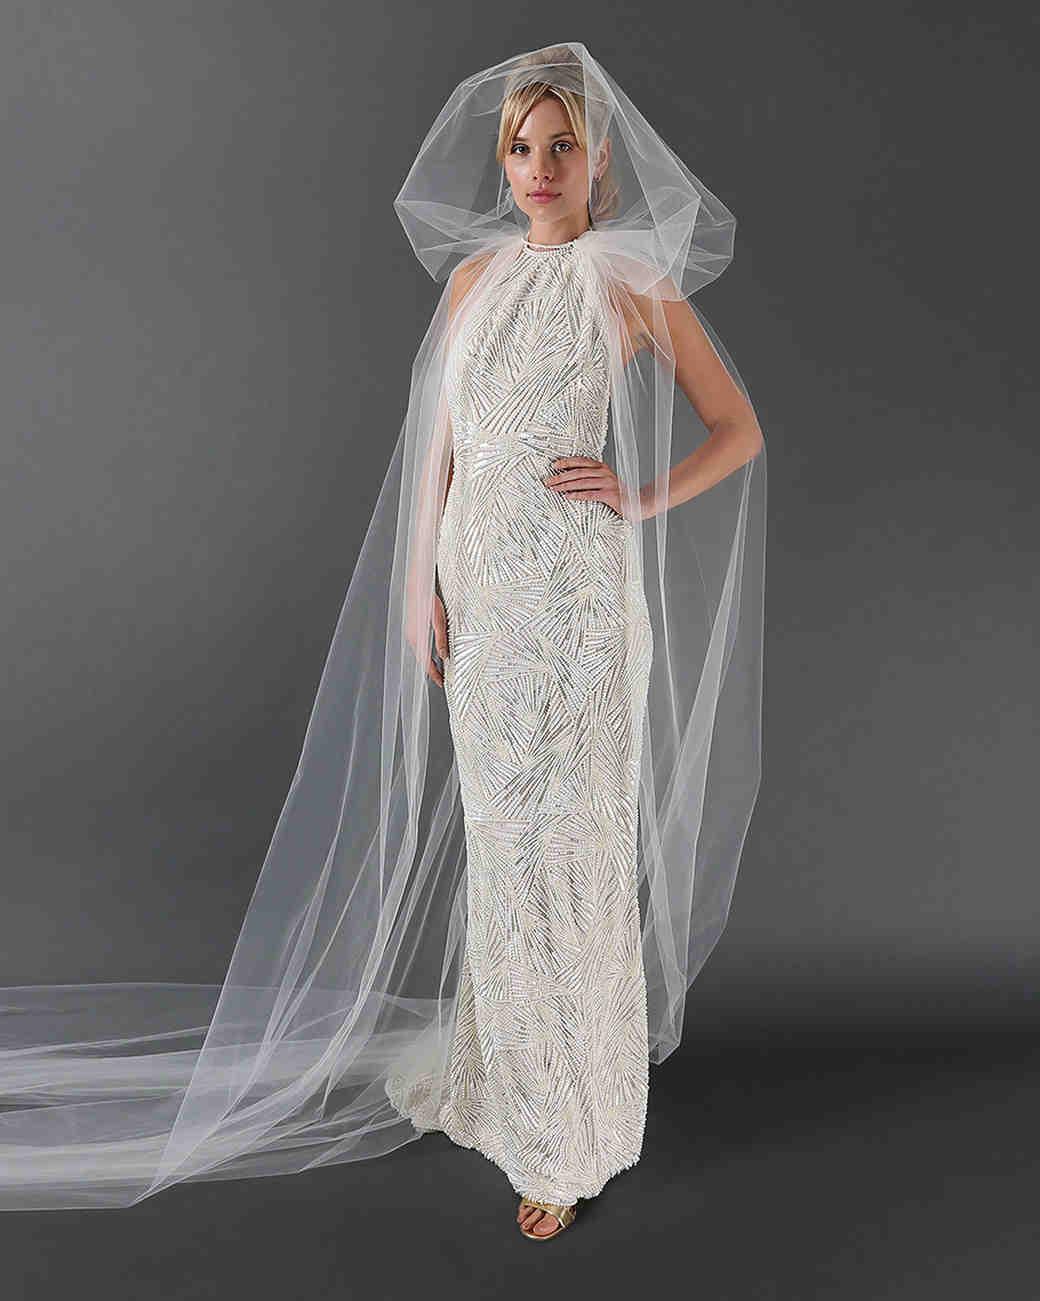 Randi Rahm Fall 2017 Wedding Dress Collection